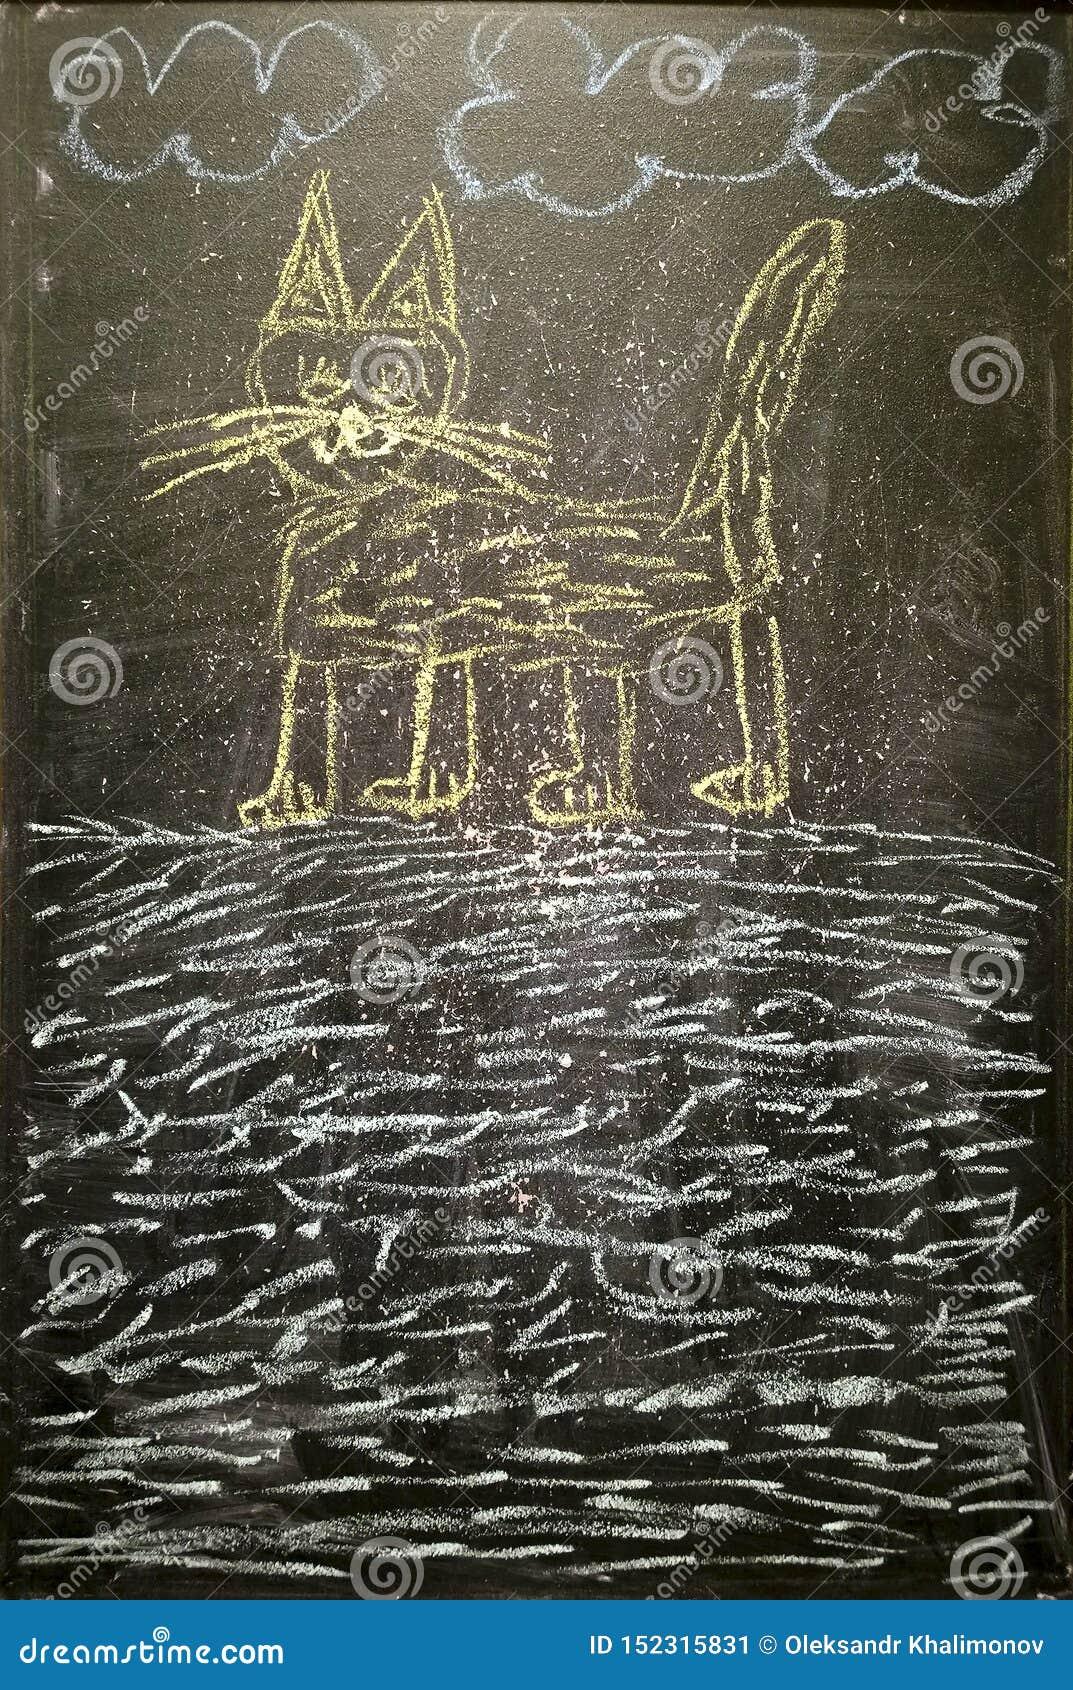 猫-粉笔画